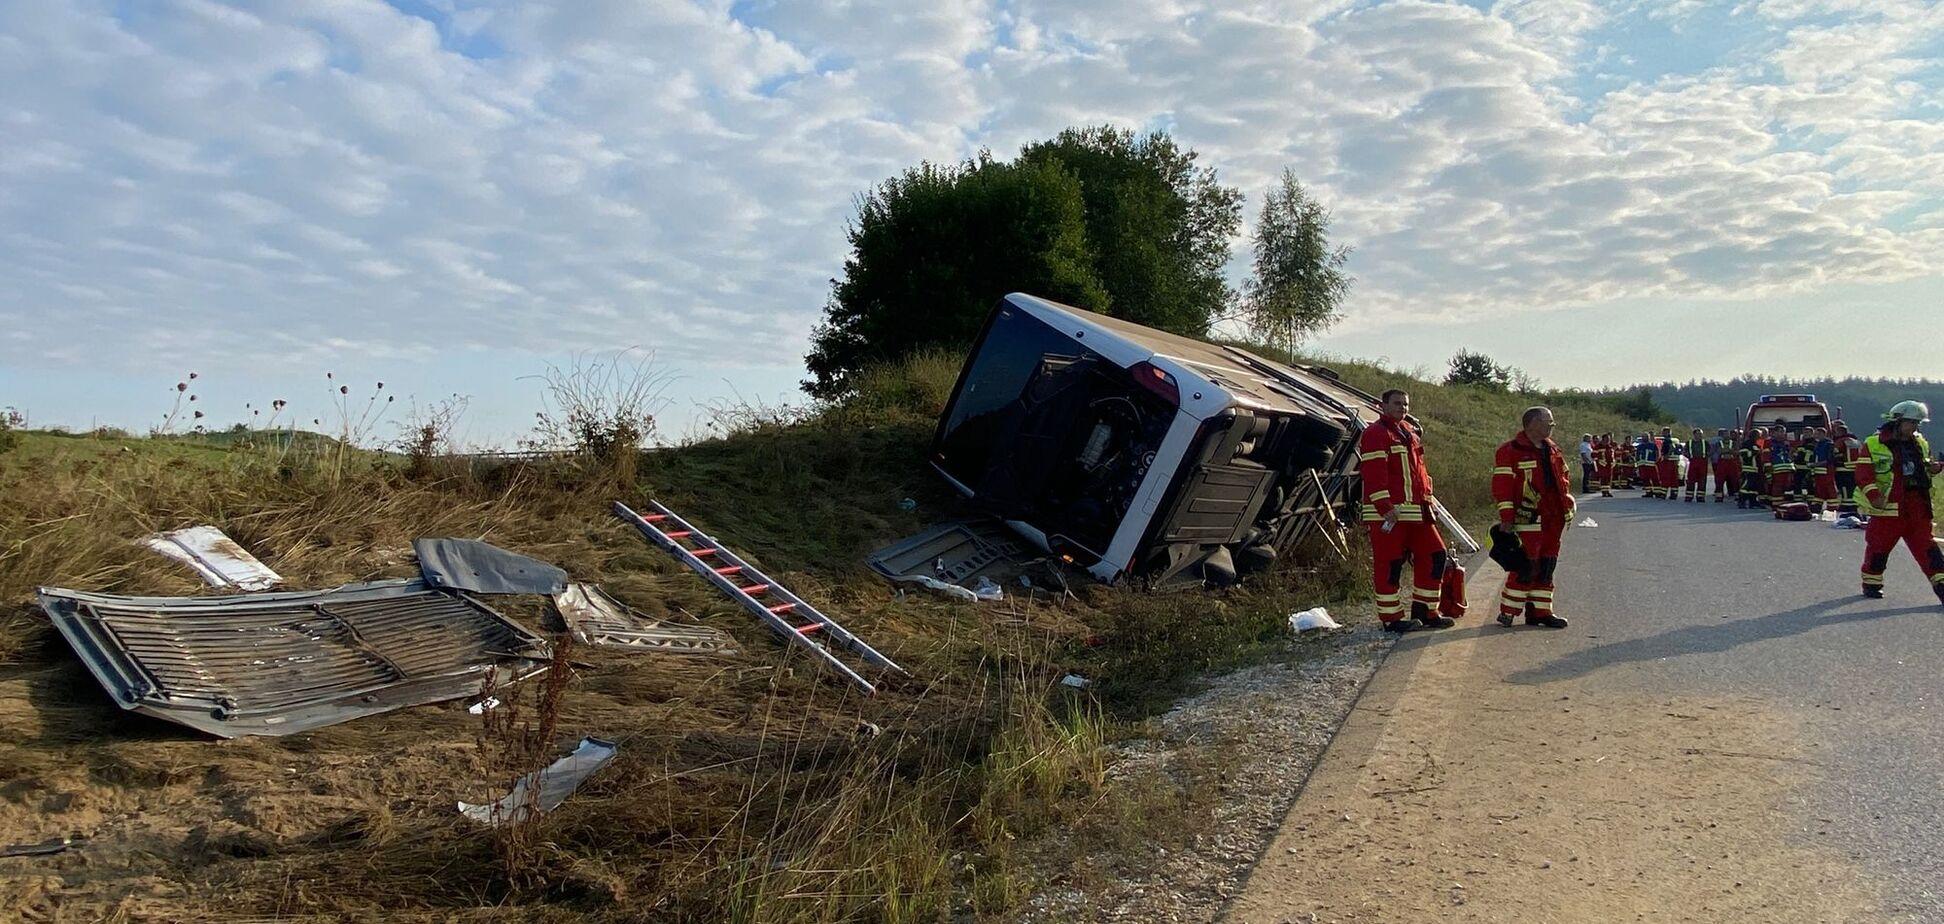 В Германии перевернулся автобус с туристами из Чехии: есть тяжело раненые. Фото